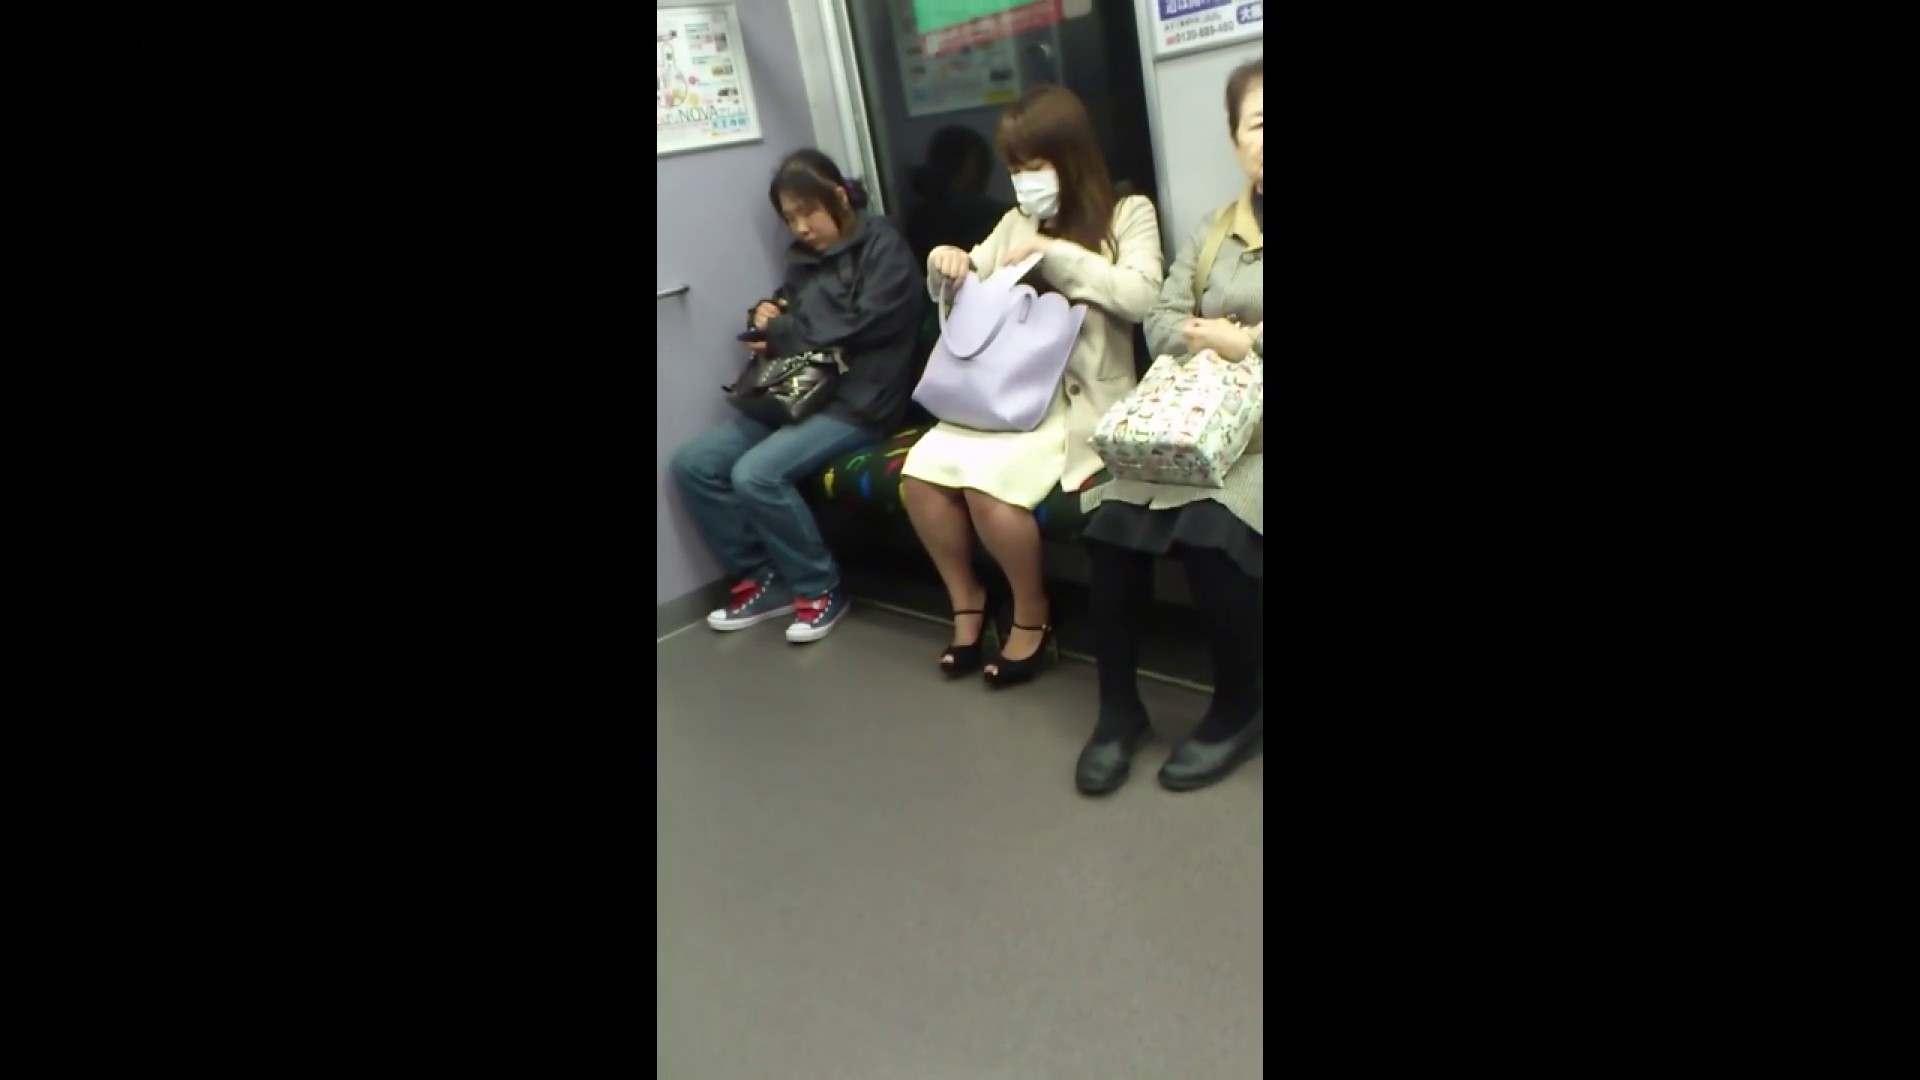 盗撮列車 Vol.55 黄色の爽やかなスカートが大好きです。 盗撮エロすぎ | OL  38連発 21